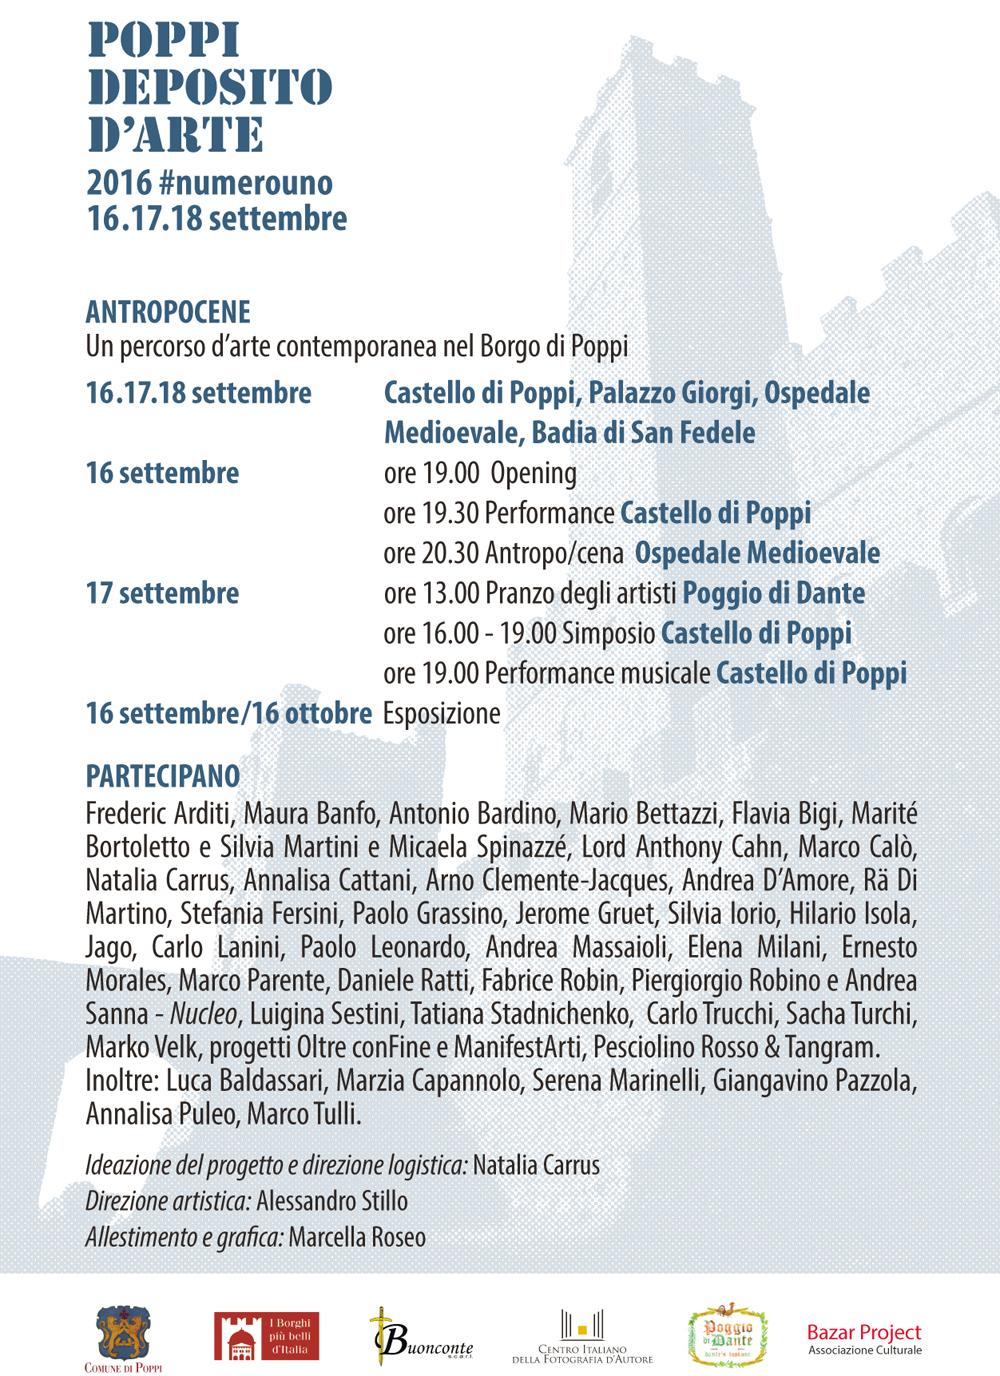 CARTOLINA POPPI 2016